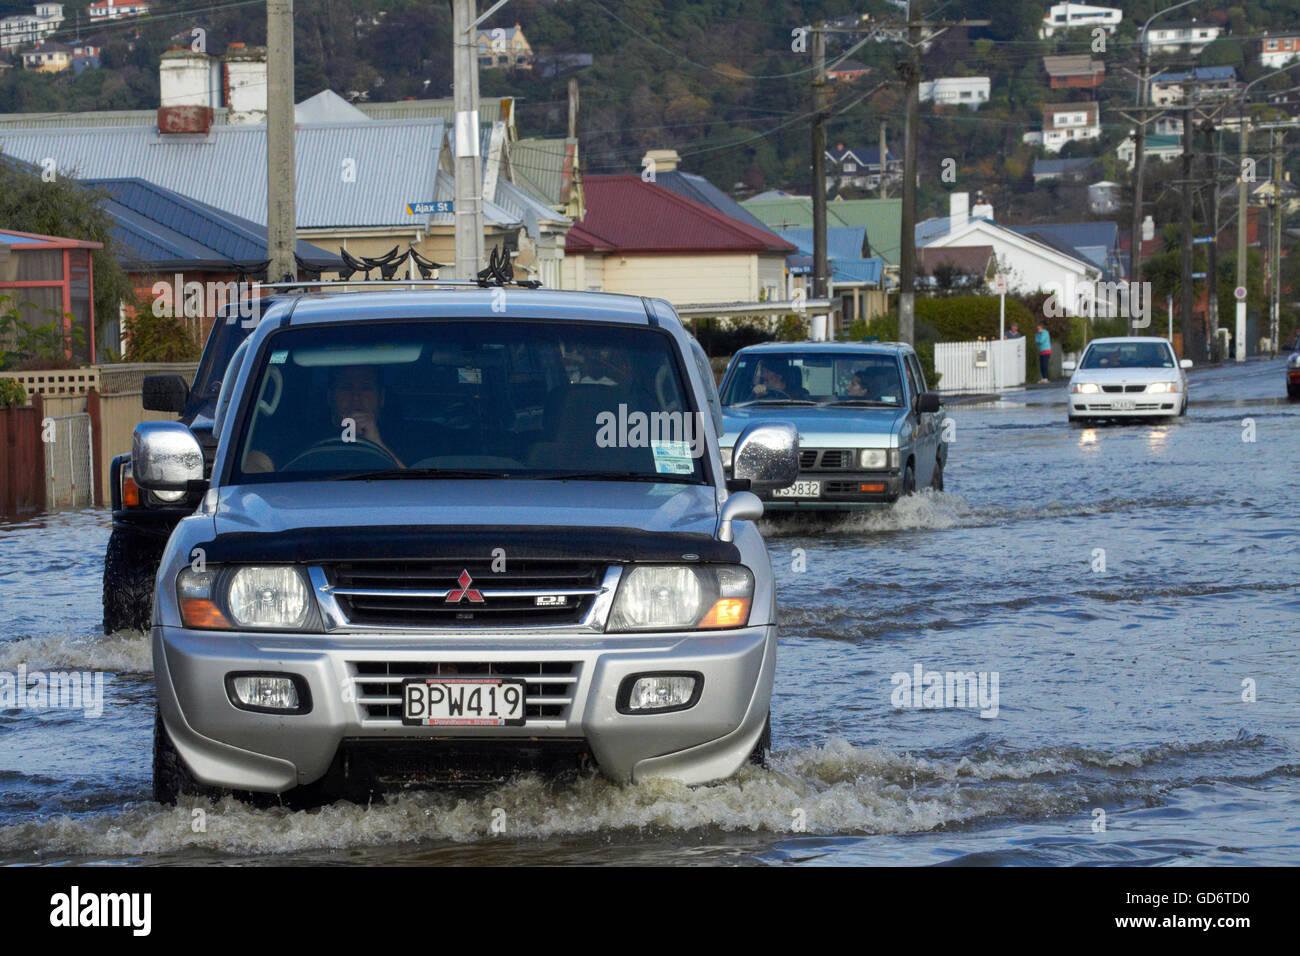 Le trafic sur la baie inondée Voir Road, South Dunedin Dunedin, inondations, île du Sud, Nouvelle-Zélande Banque D'Images